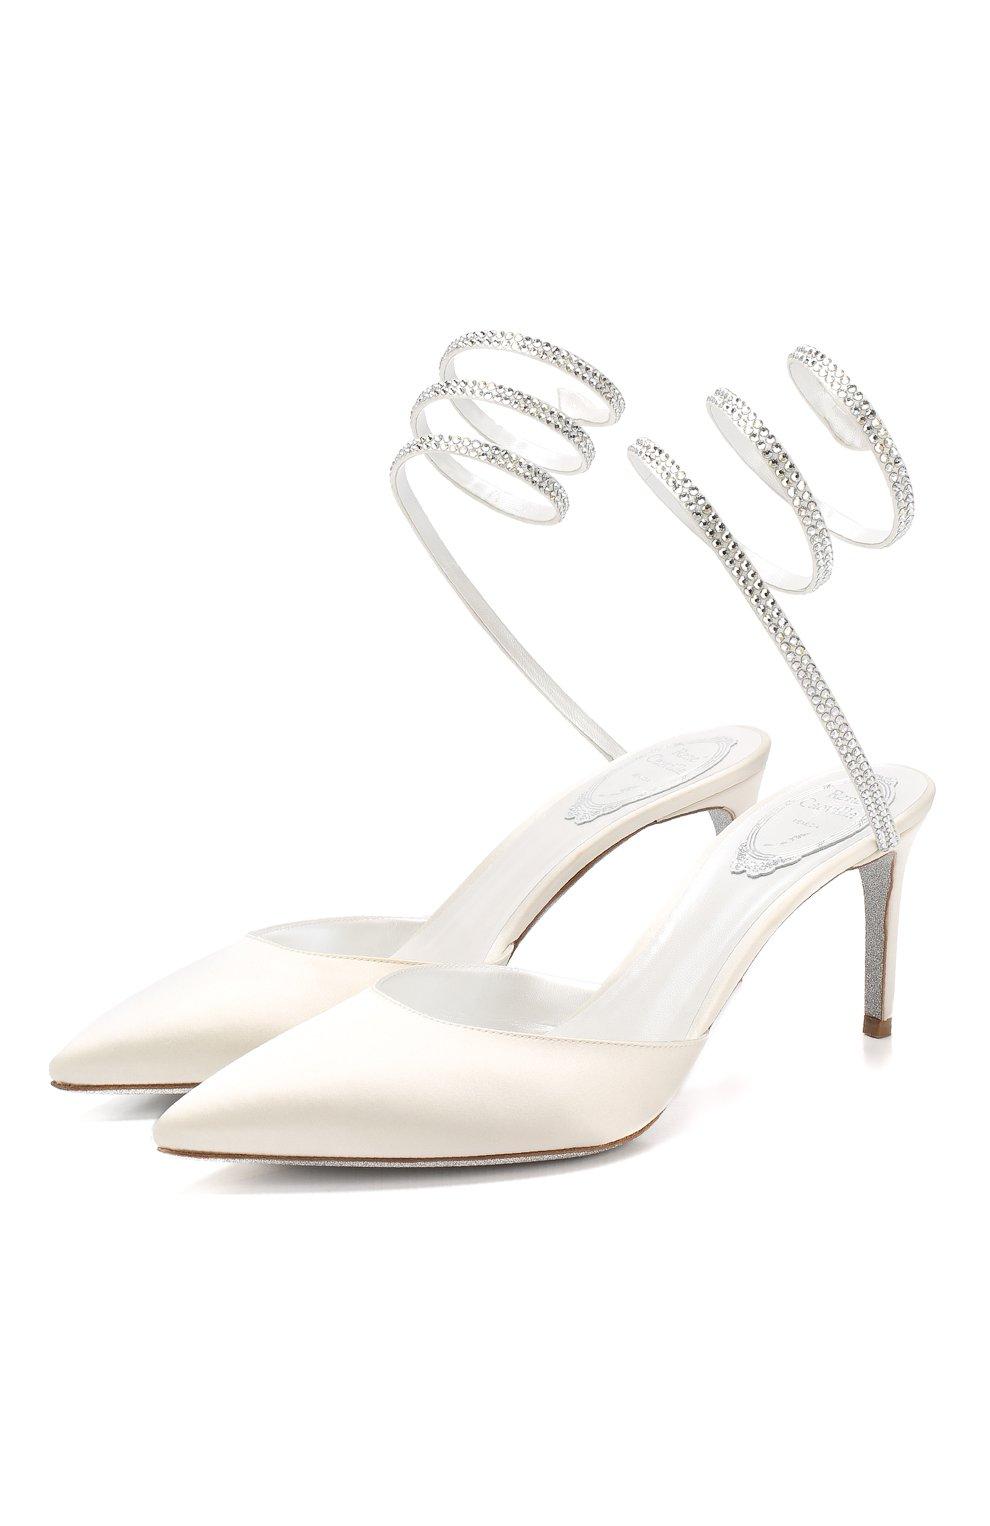 Текстильные туфли Cleo Rene Caovilla белые | Фото №1